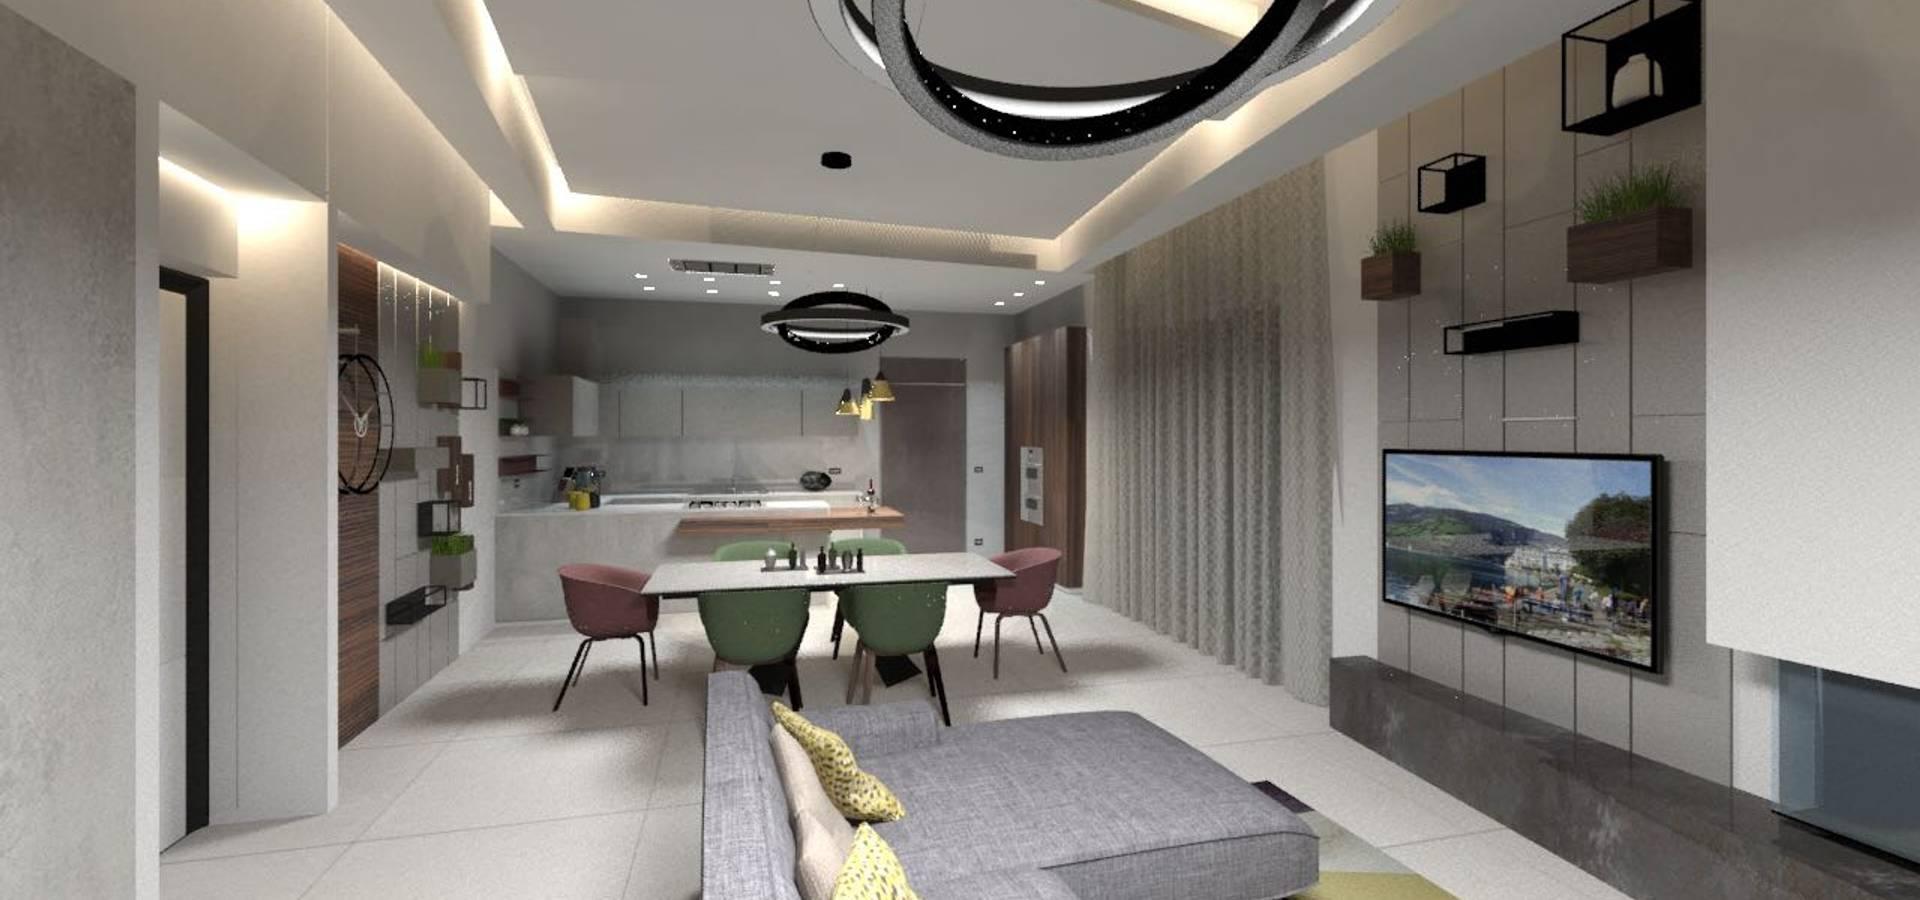 Ama Studio Design